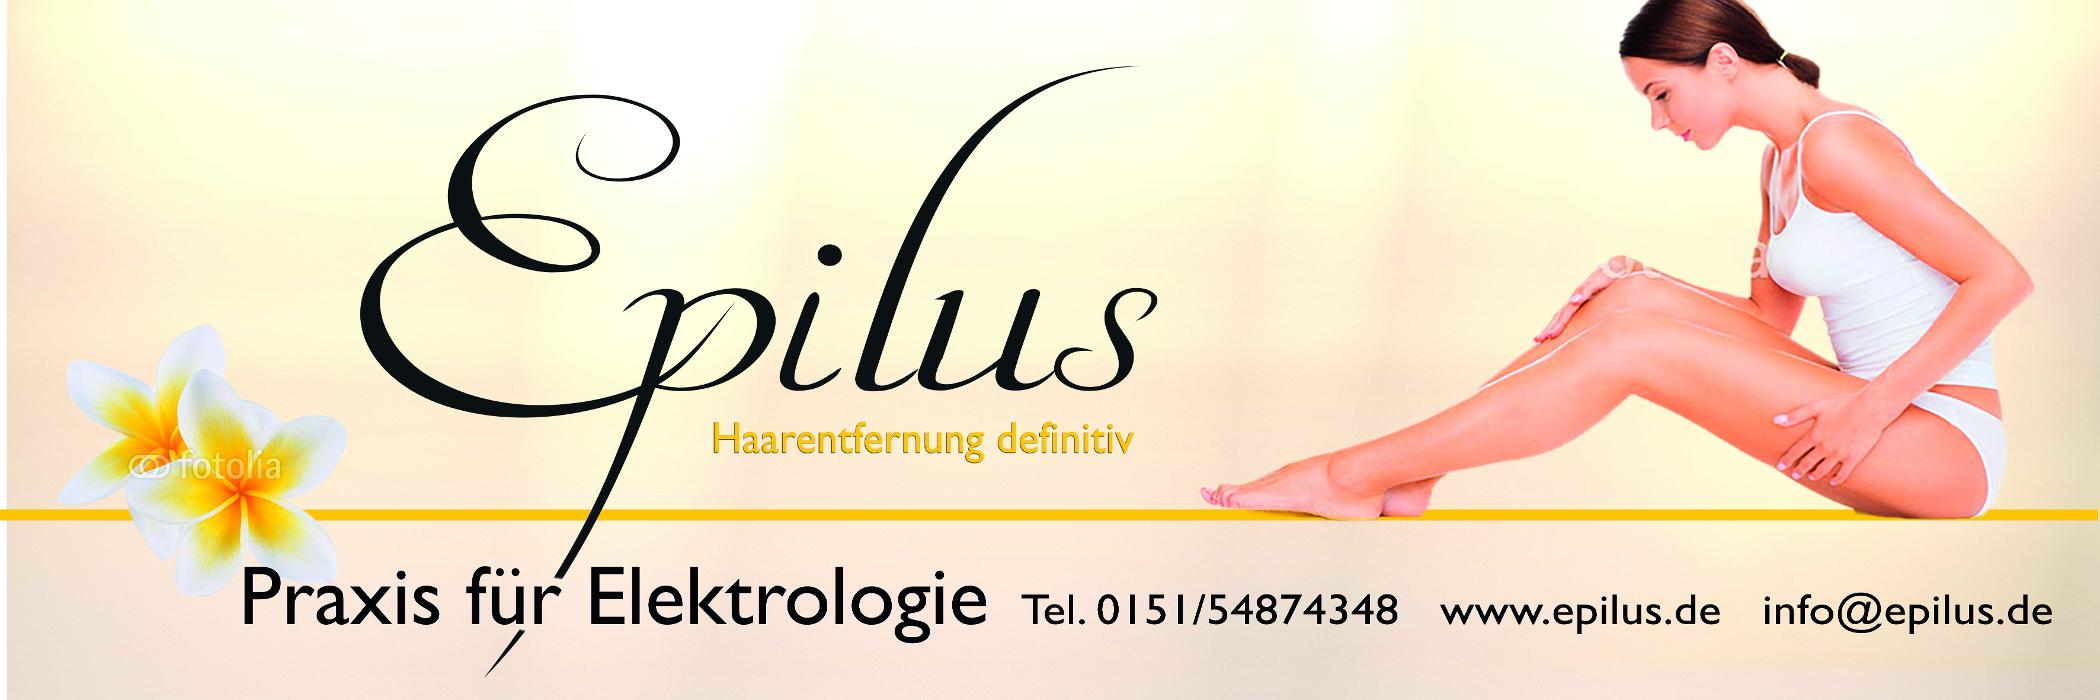 Bild zu Epilus Praxis für Elektrologie in Pfaffenhofen in Württemberg